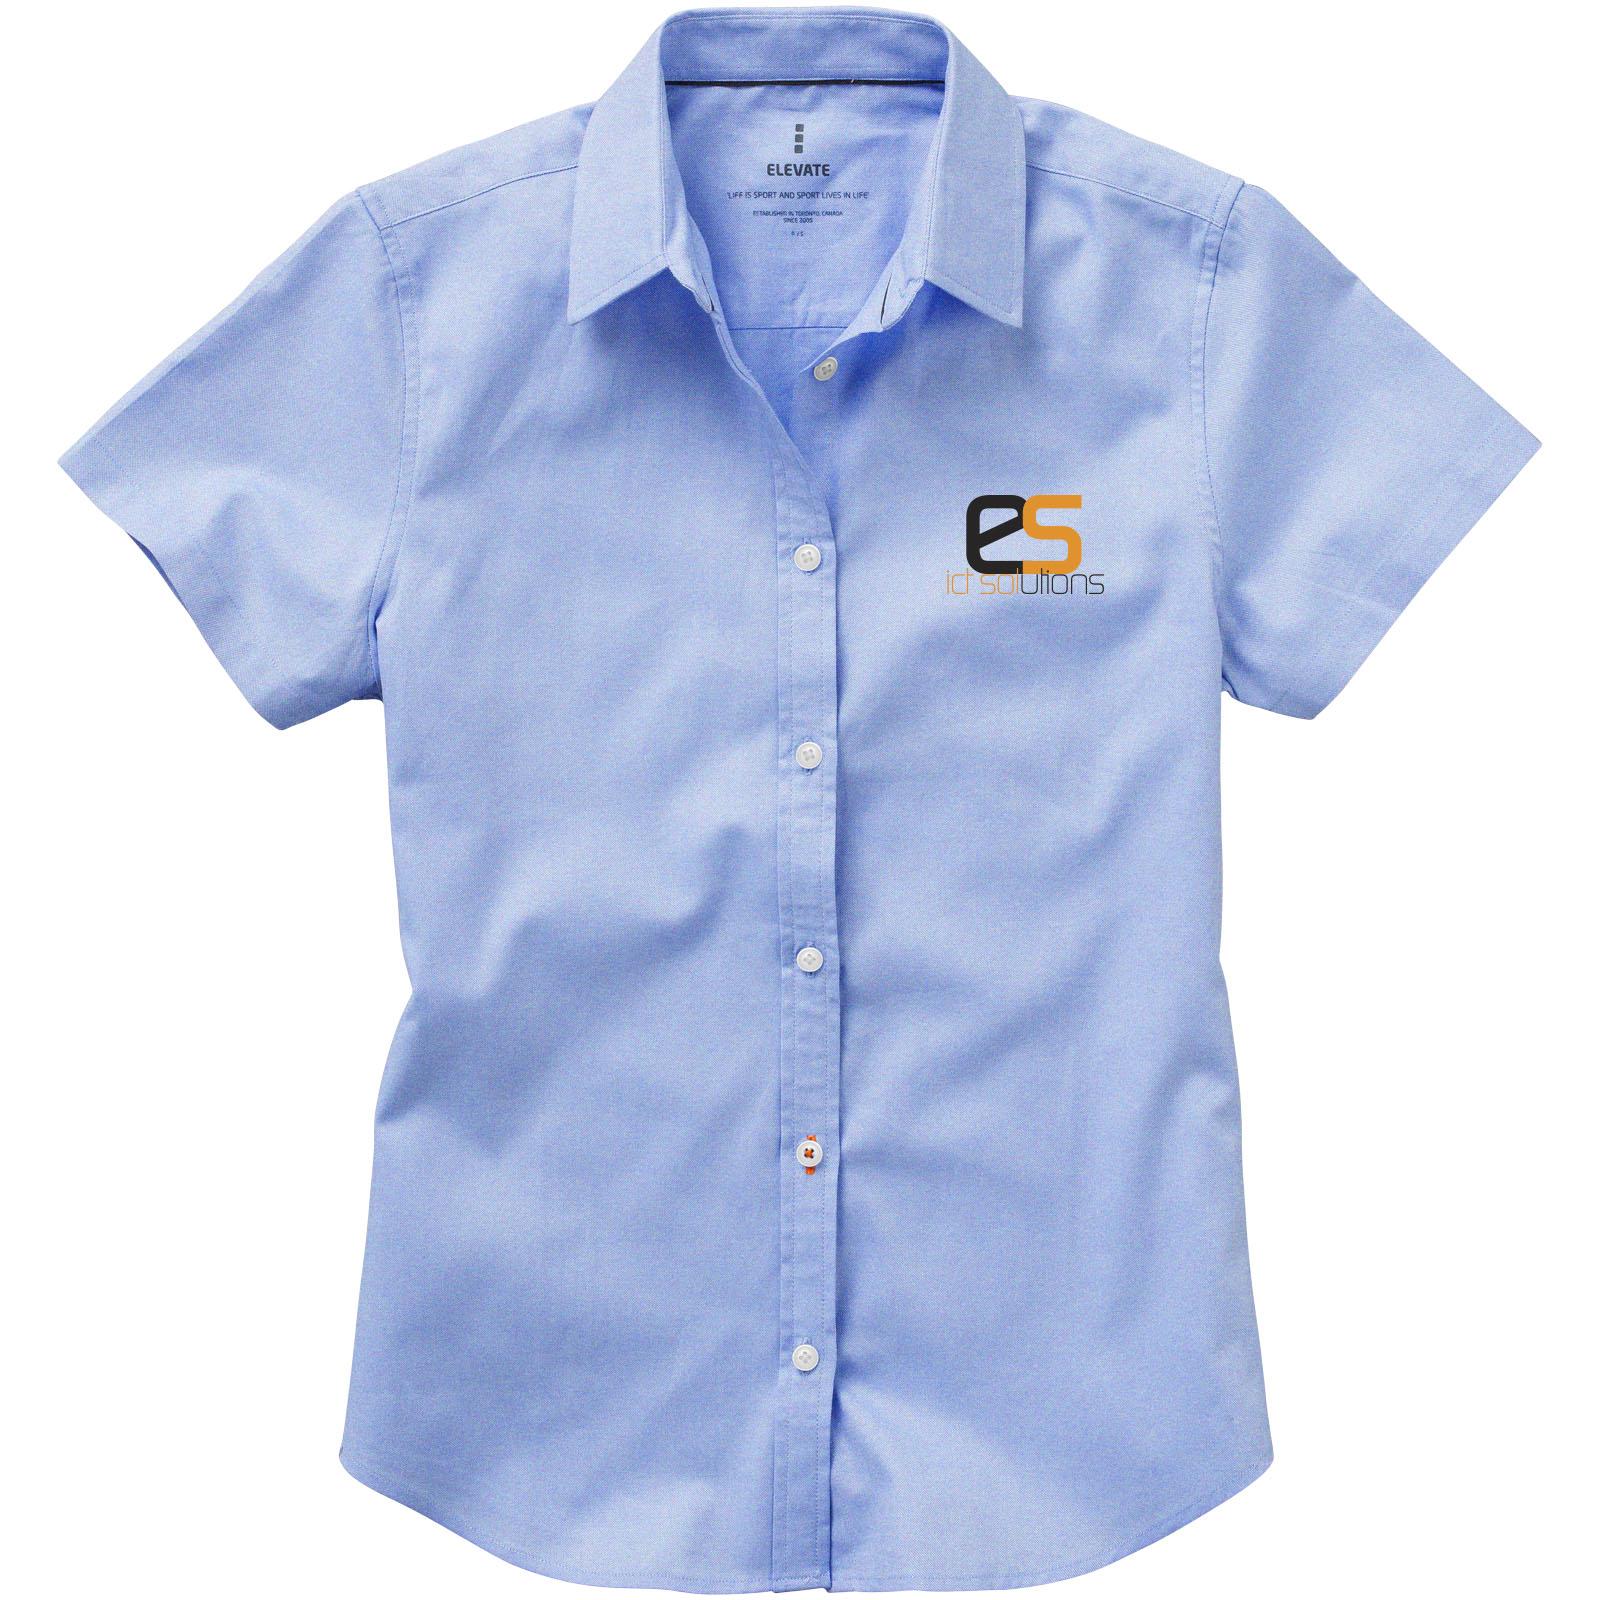 Dames Overhemd.Basic Oxford Dames Overhemd Korte Mouw Bedrukken Voordelig Snel